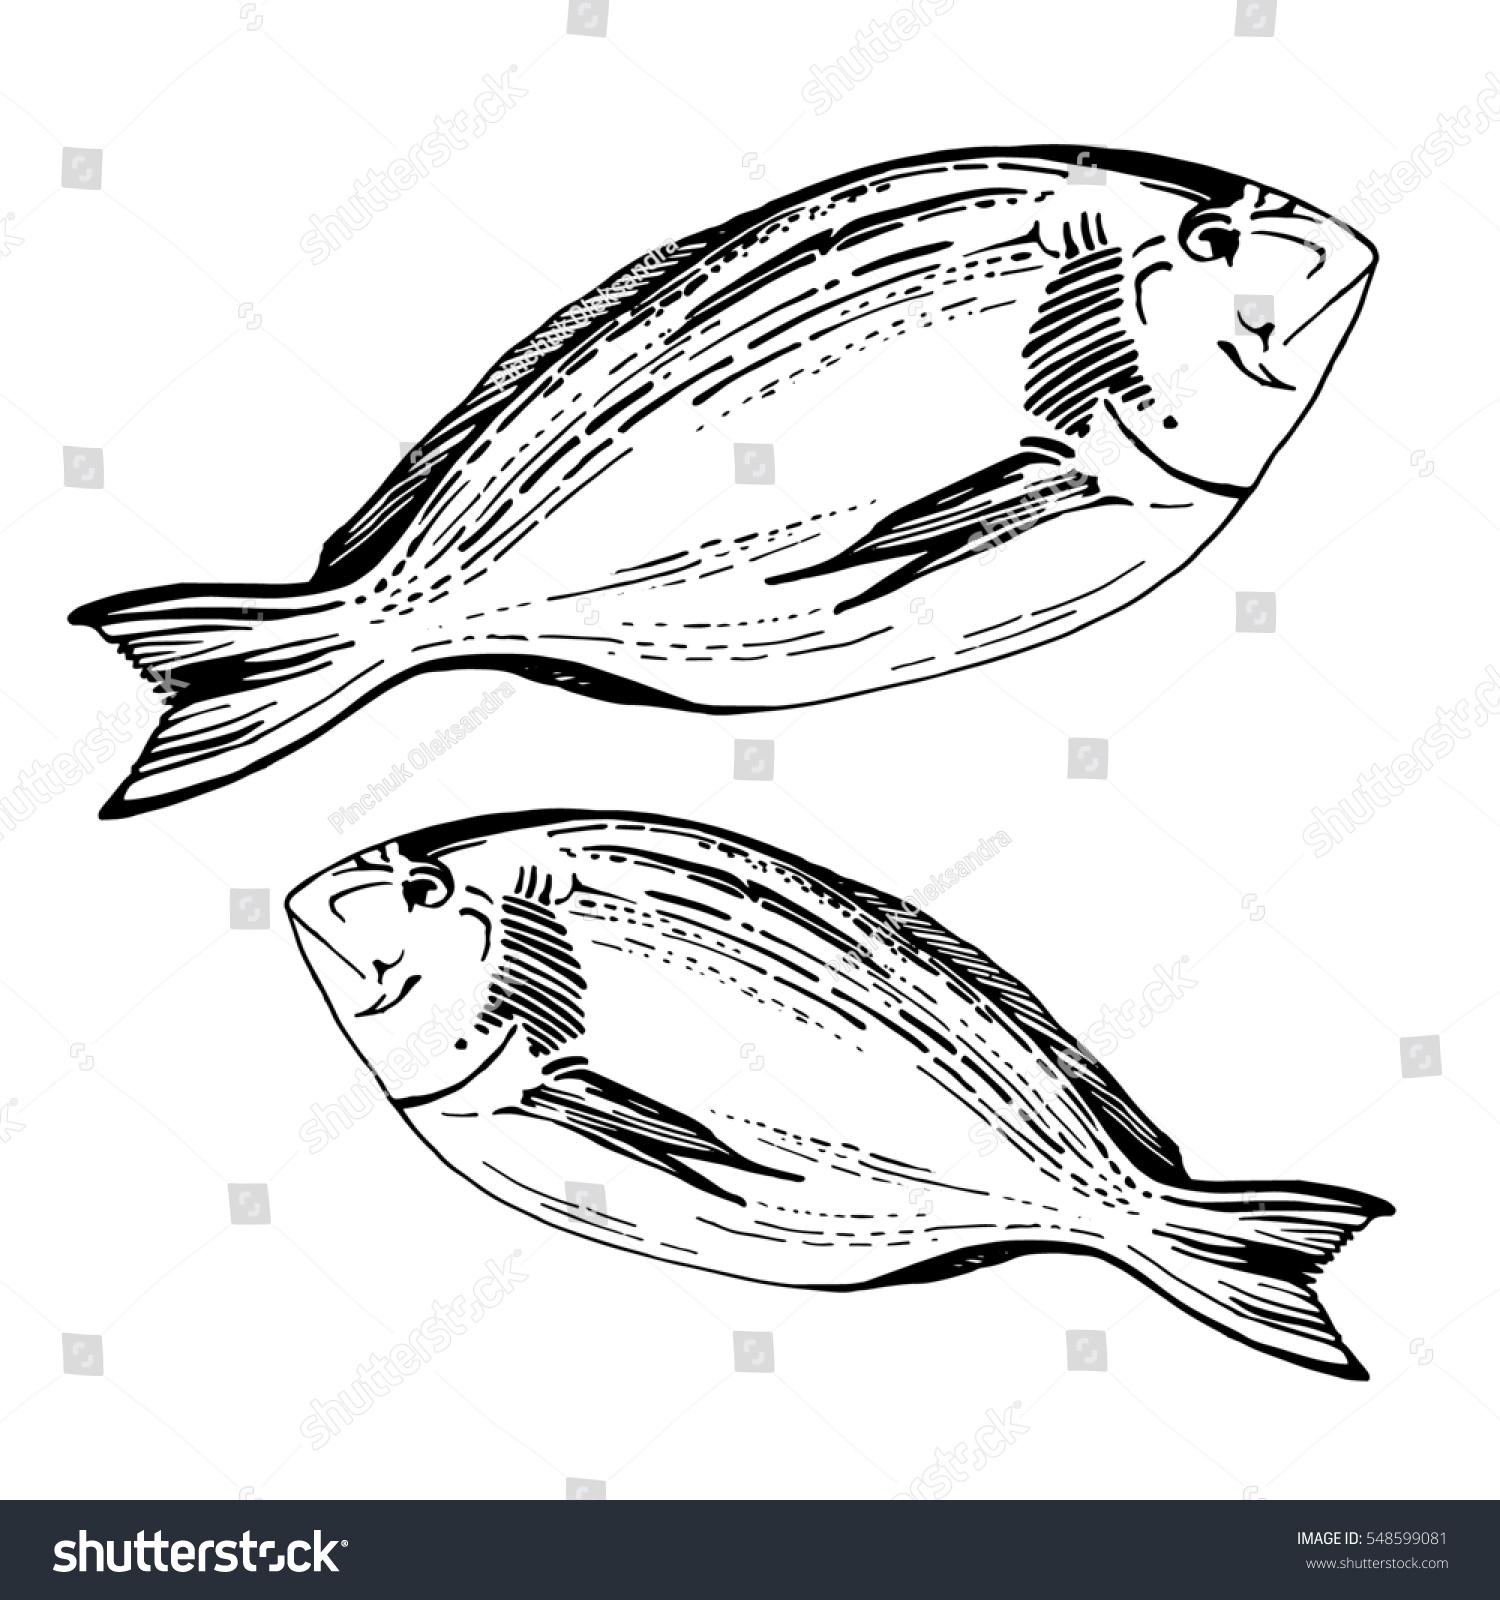 hand drawn sketch fish dorado fish stock illustration 548599081